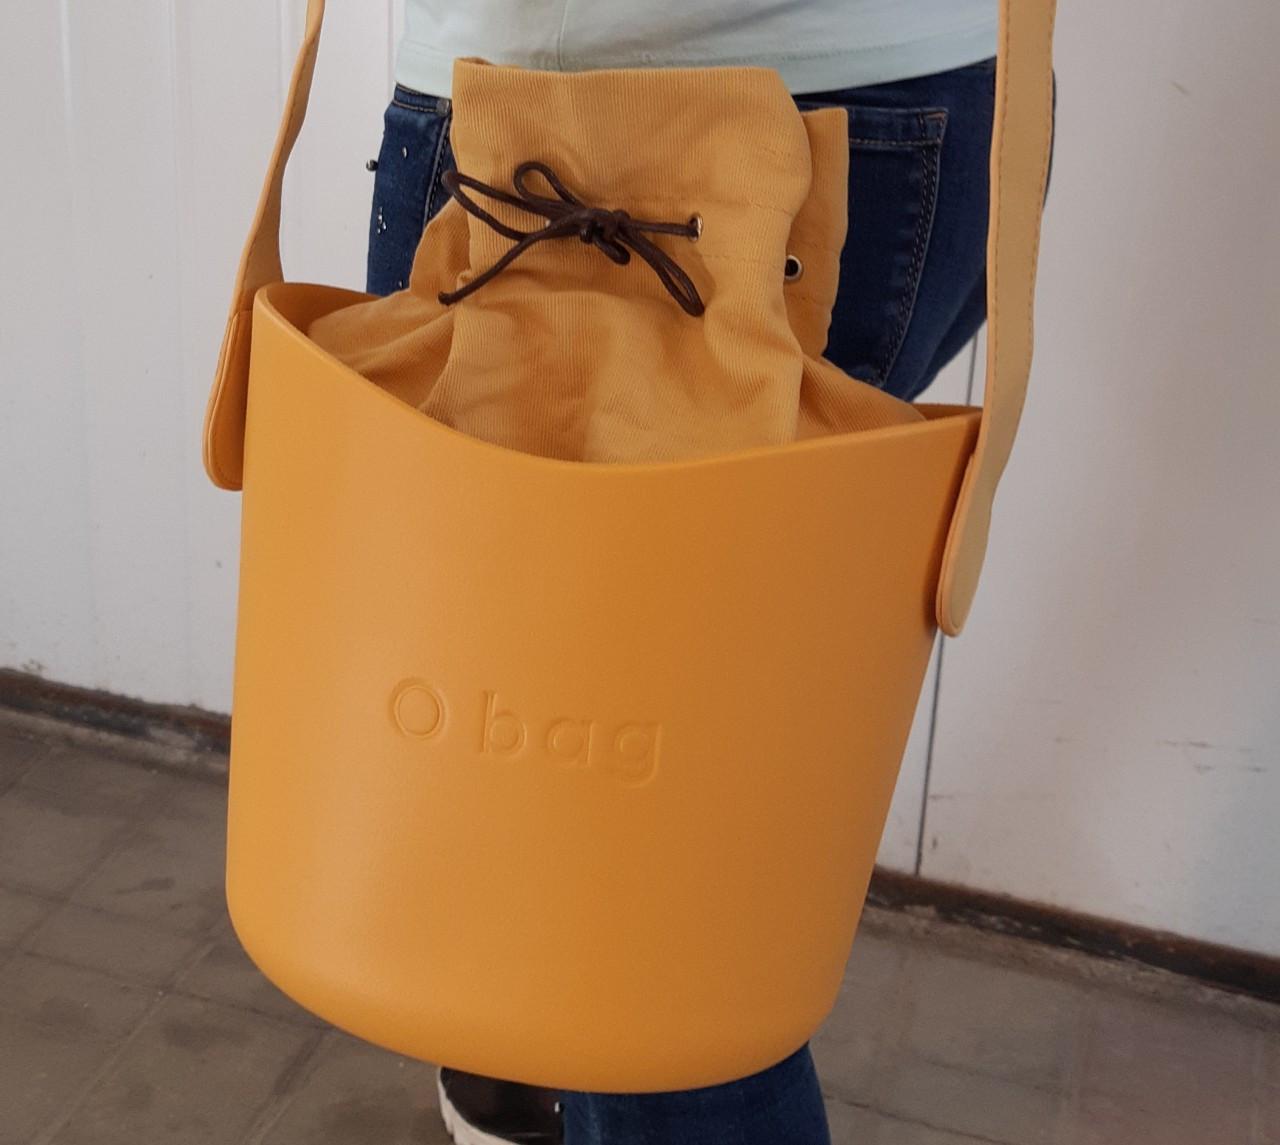 Сумка oBag basket в оранжевом цвете